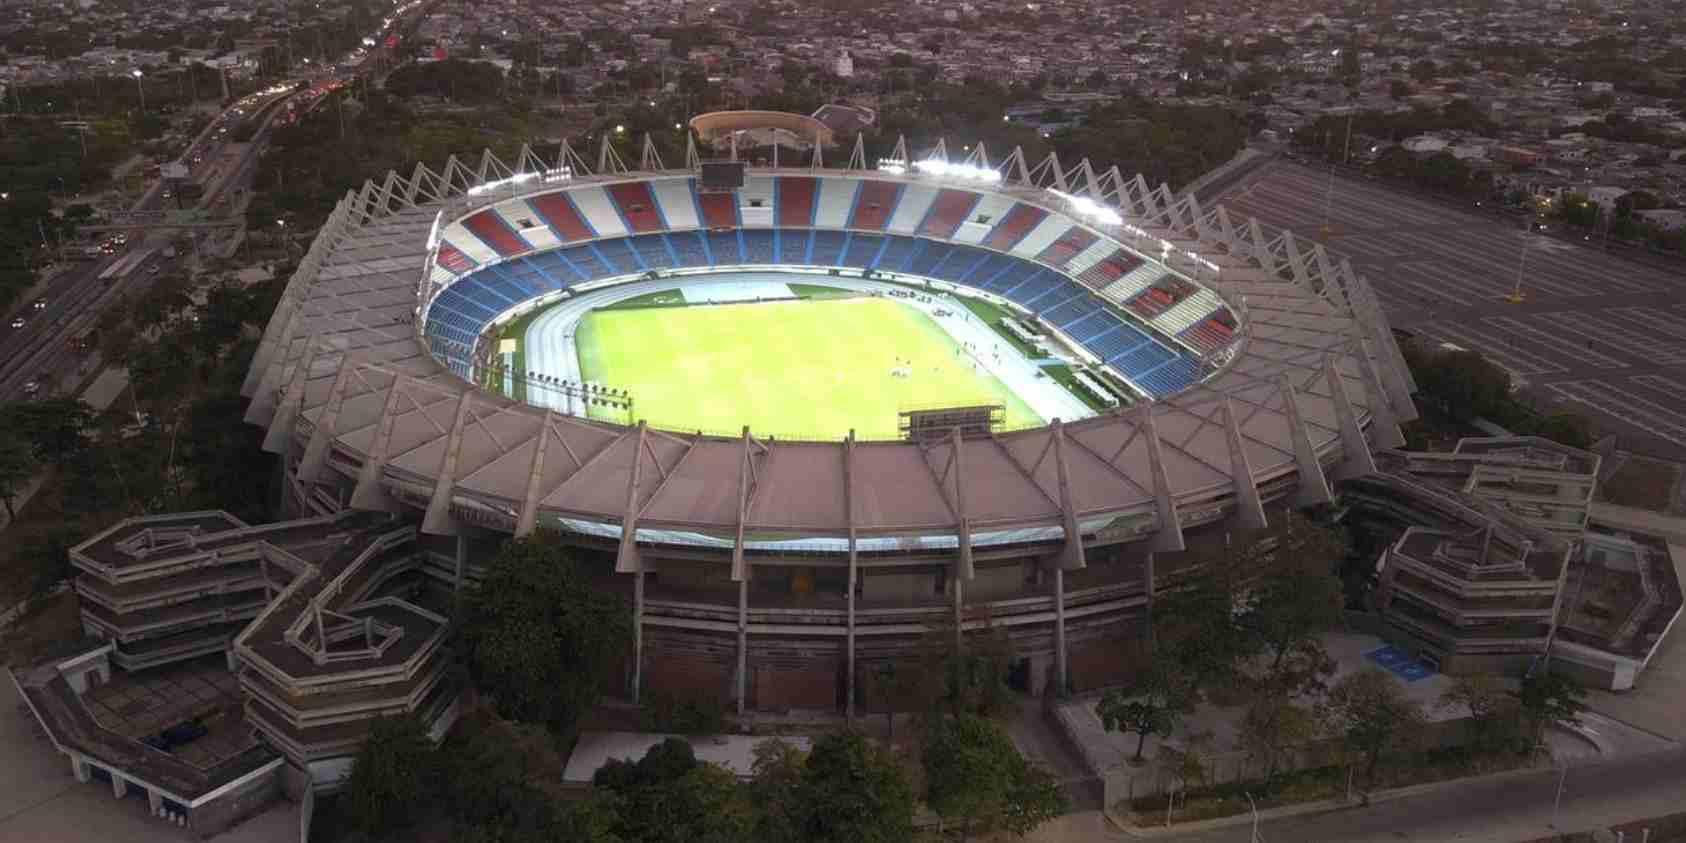 El estadio Metropolitano estrena luces led